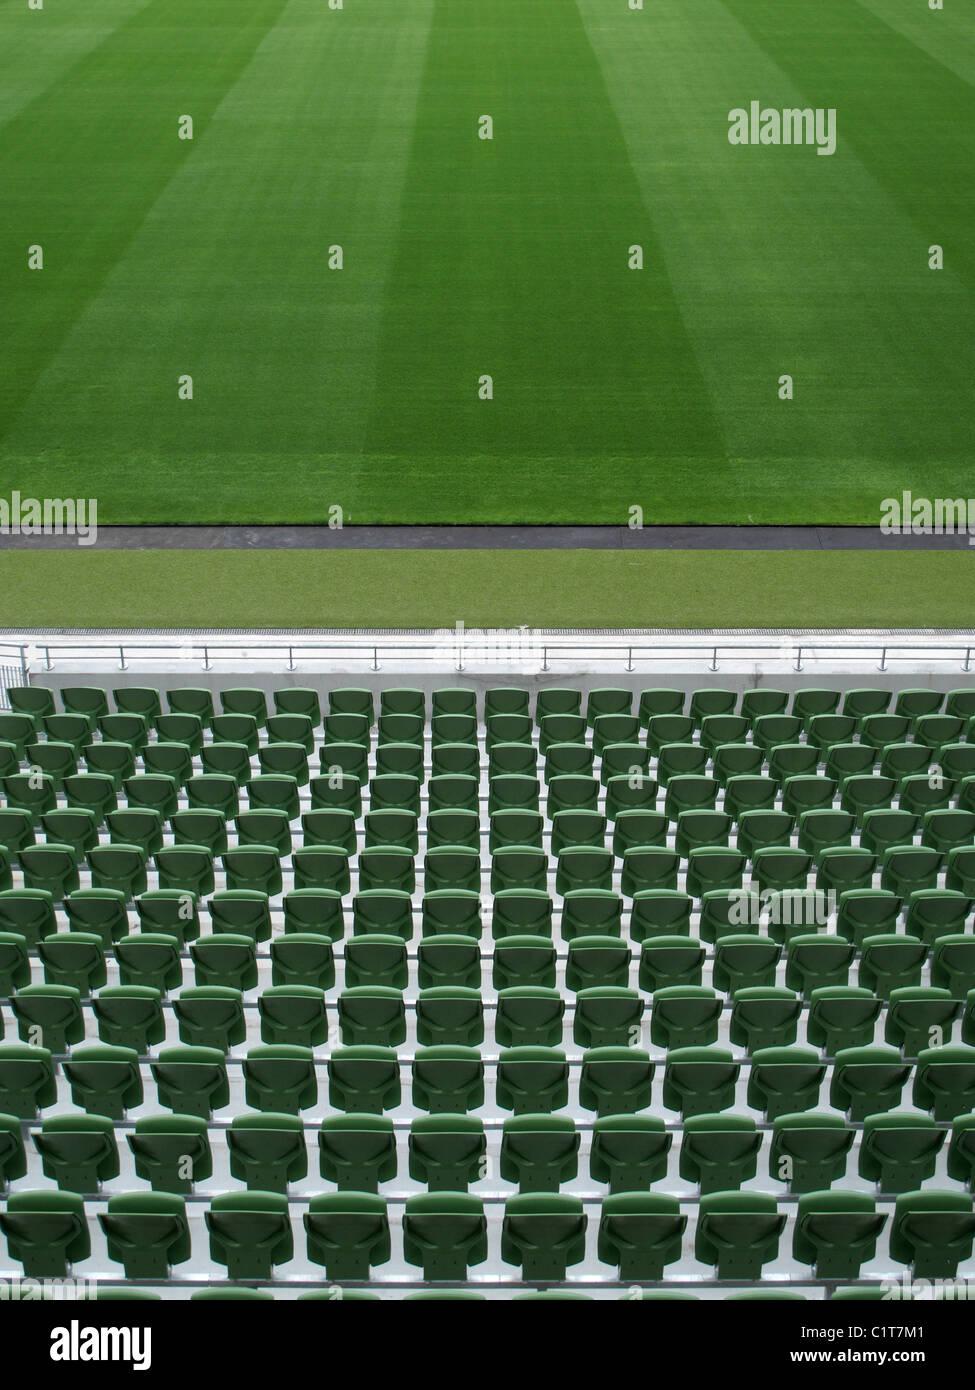 Estadio vacío Imagen De Stock